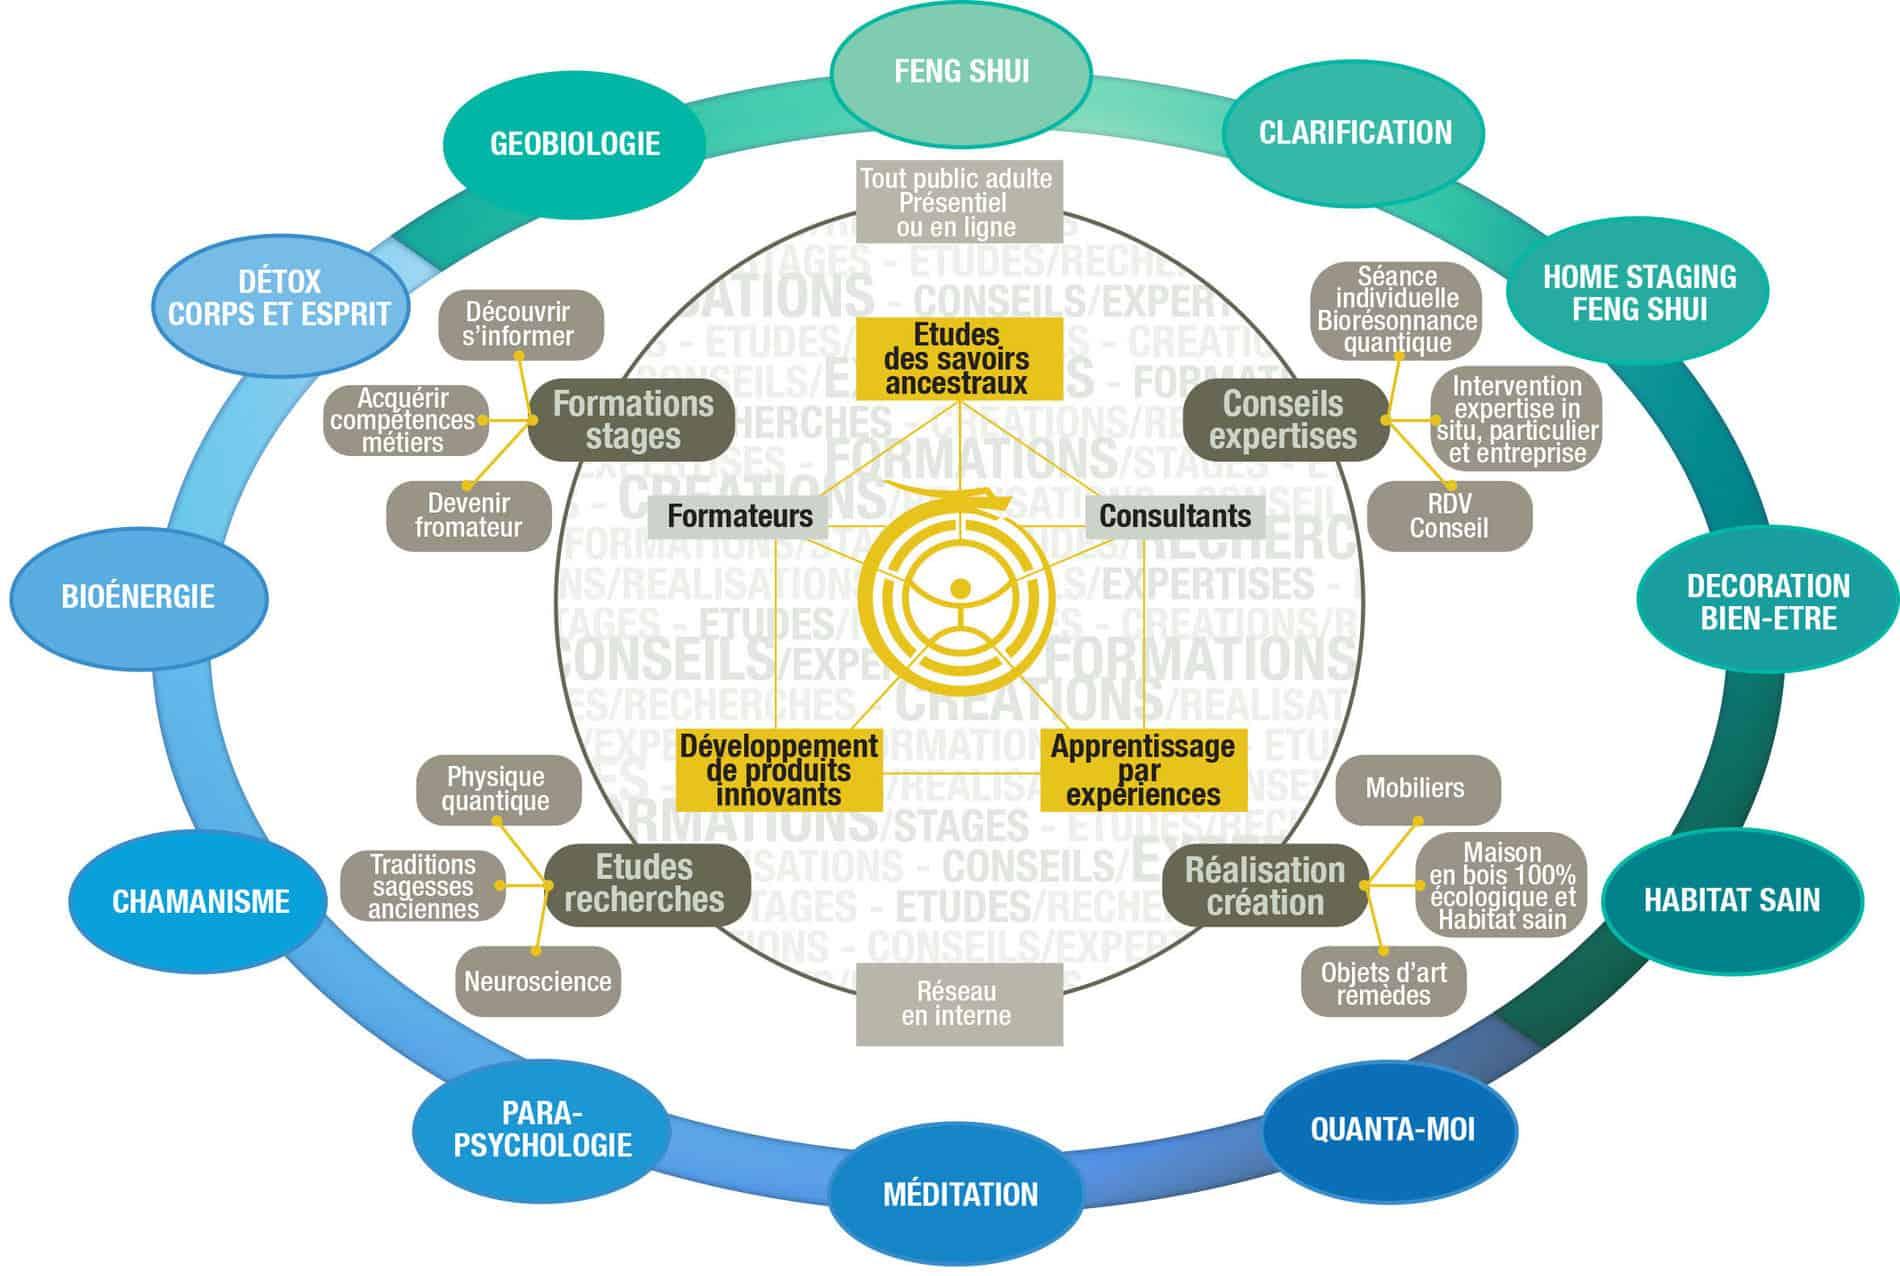 arborescence disciplines et formations bien-être